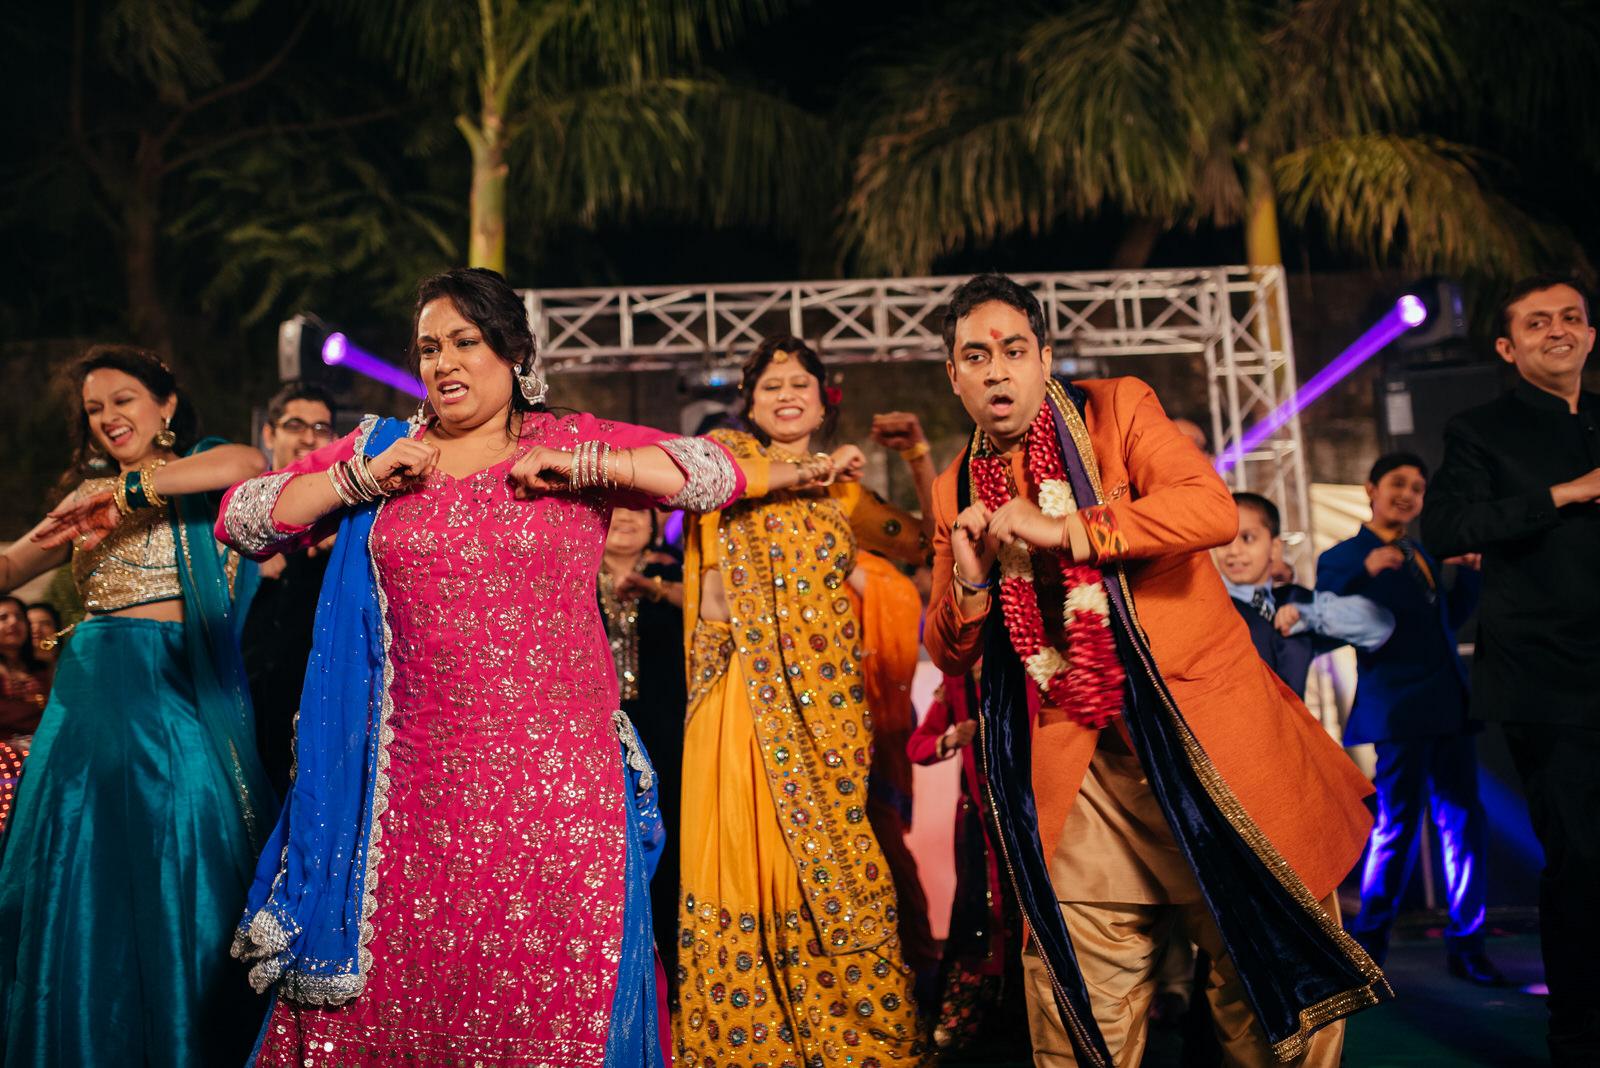 Hindu Night Wedding Day 2 - Camera 1-493.jpg